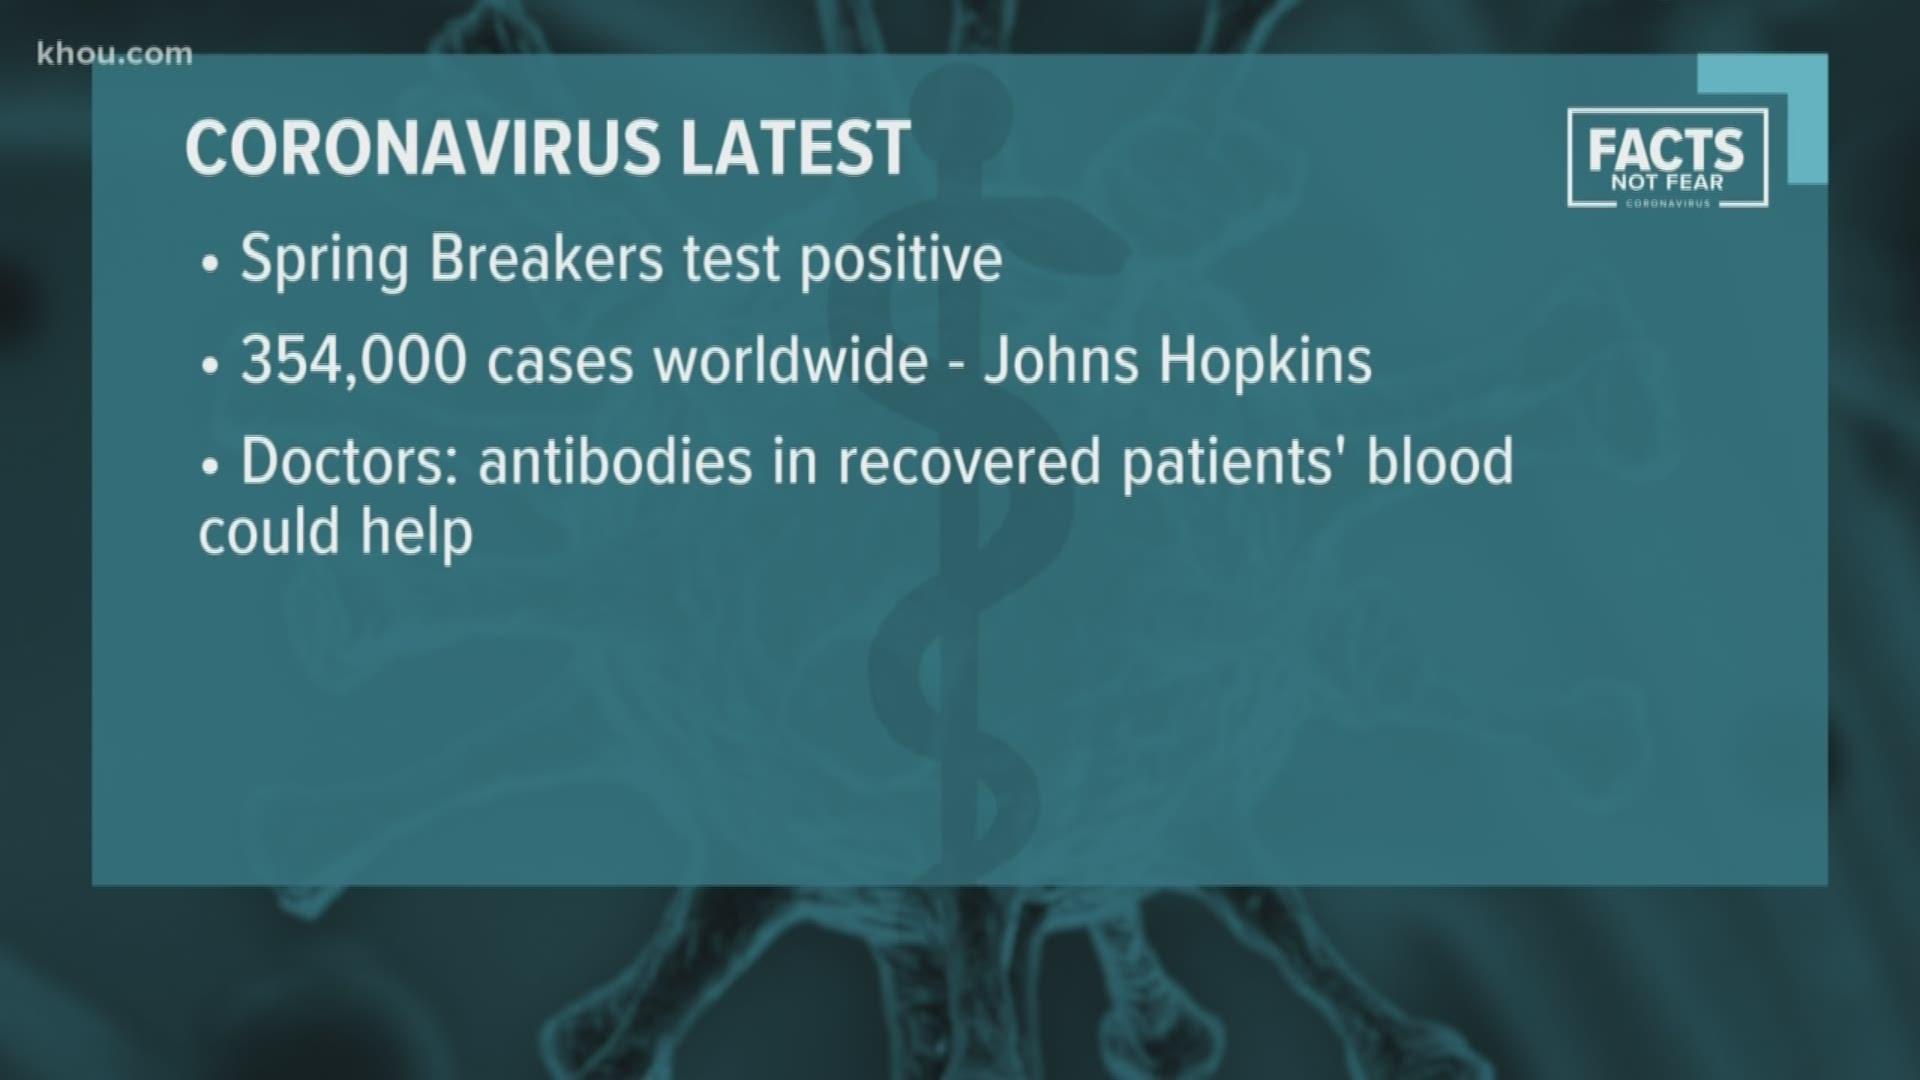 Employee lies about positive coronavirus test   khou.com